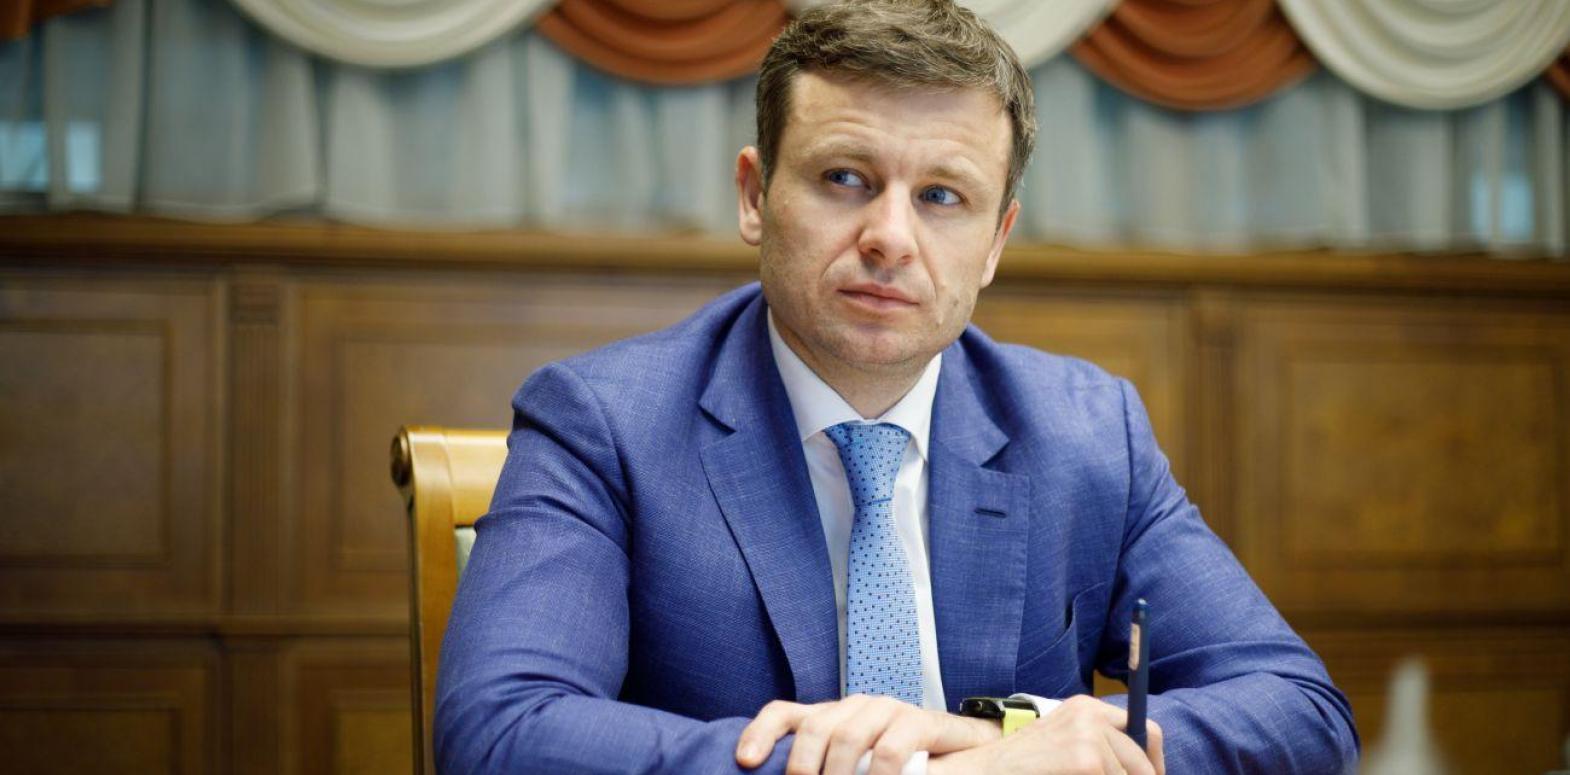 Вынуждены были сократить дефицит бюджета из-за позиции МВФ, - Марченко